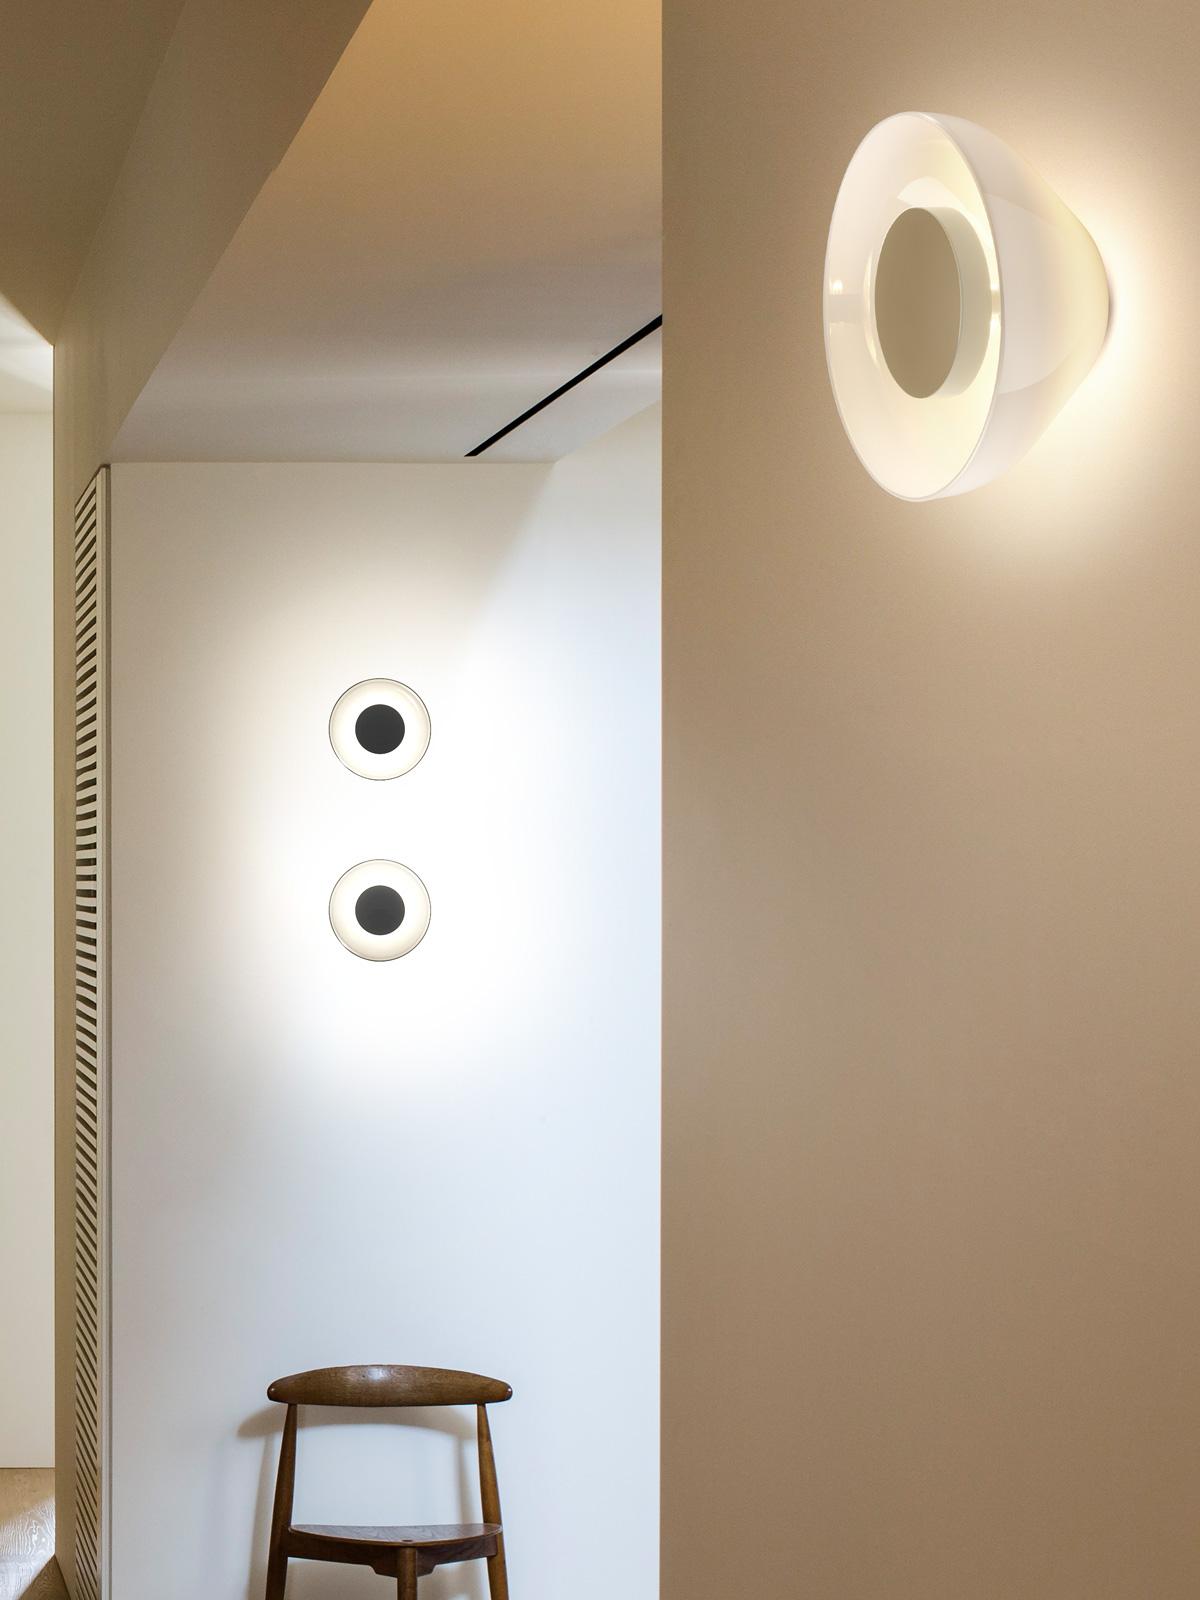 Marset Aura Wandleuchte aus mundgeblasenem Glas DesignOrt Onlineshop Lampen Leuchten Berlin